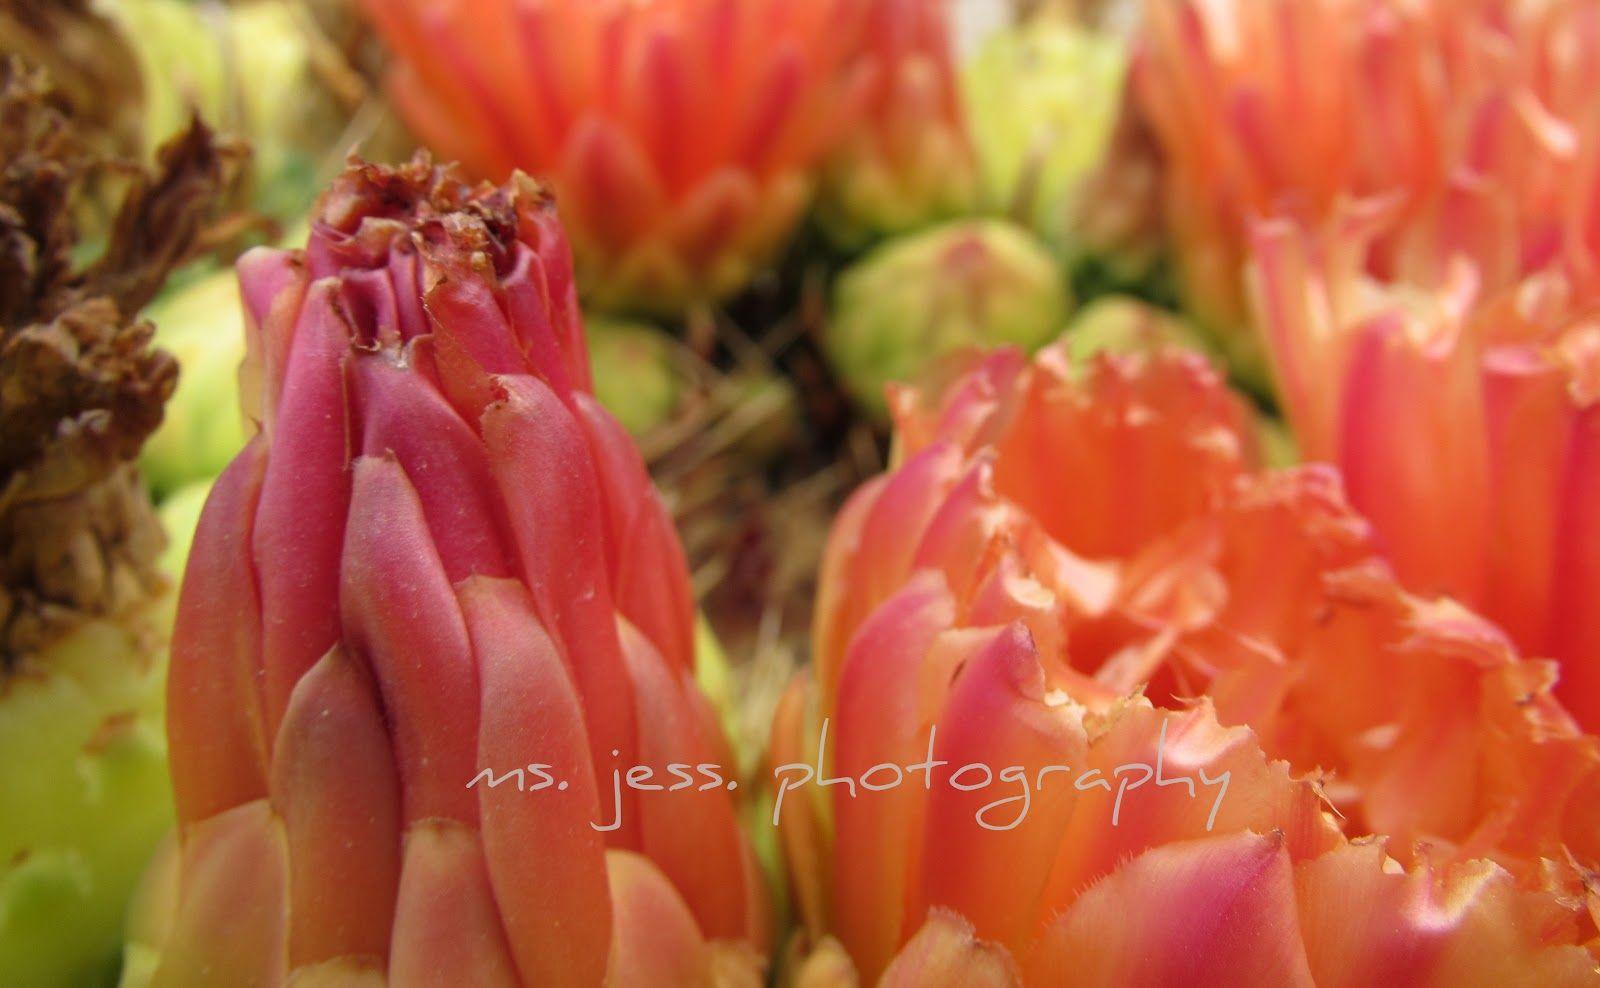 ms.jess. Photography, Jewelry, Fashion